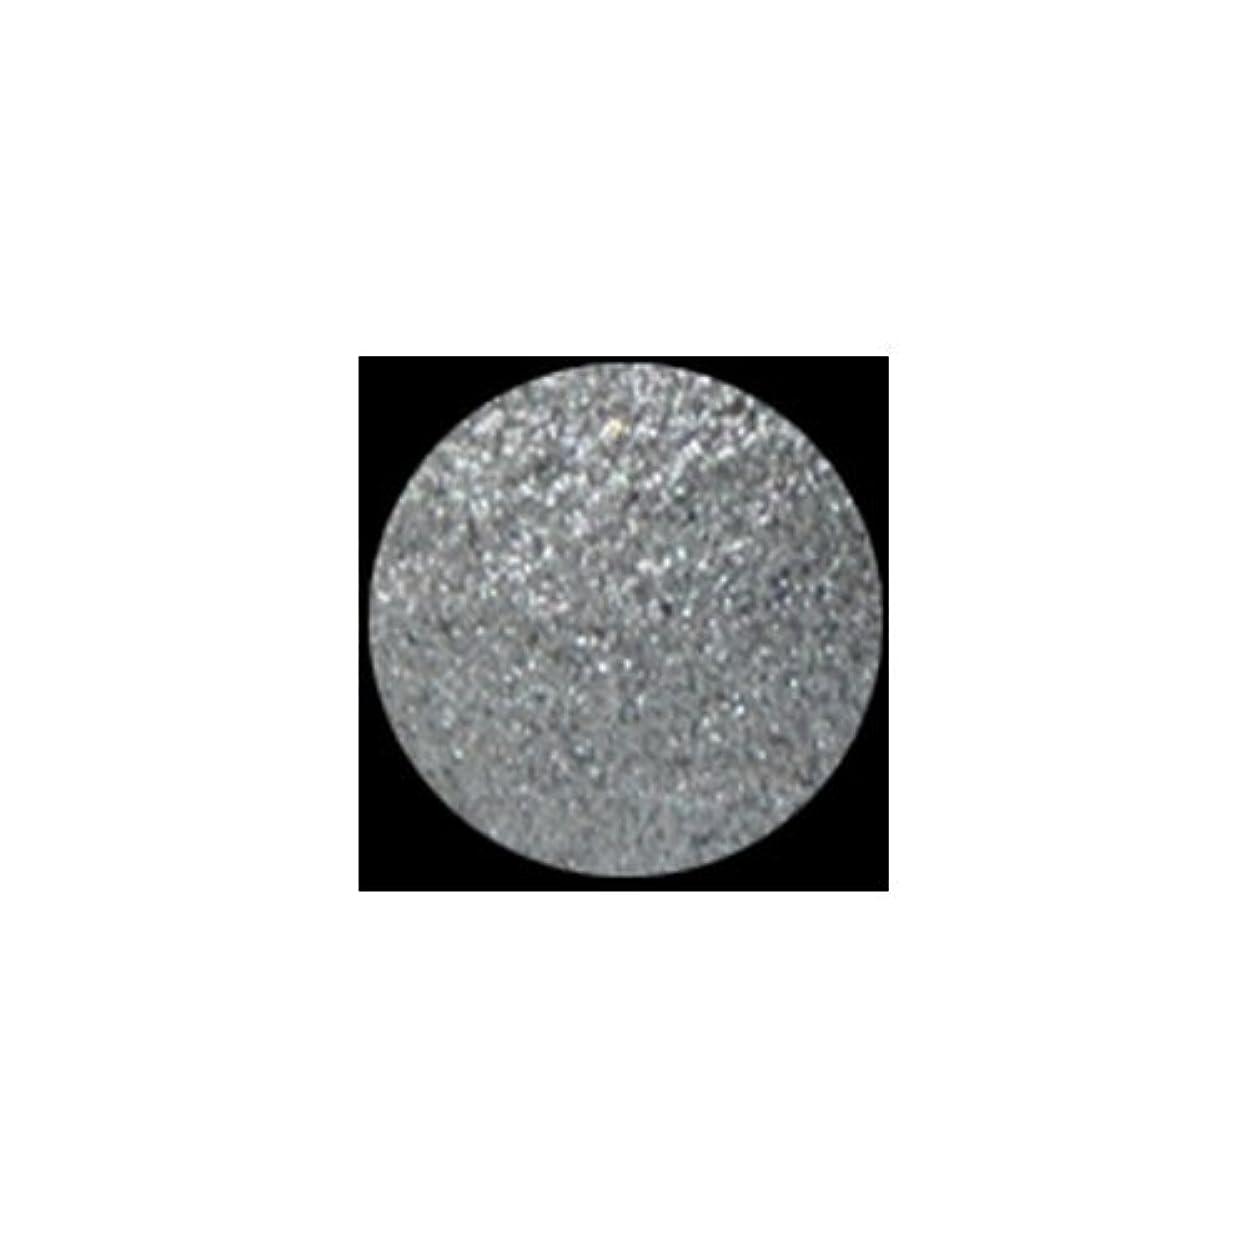 してはいけません作り刈り取るKLEANCOLOR American Eyedol (Wet/Dry Baked Eyeshadow) - Glitter Midnight (並行輸入品)